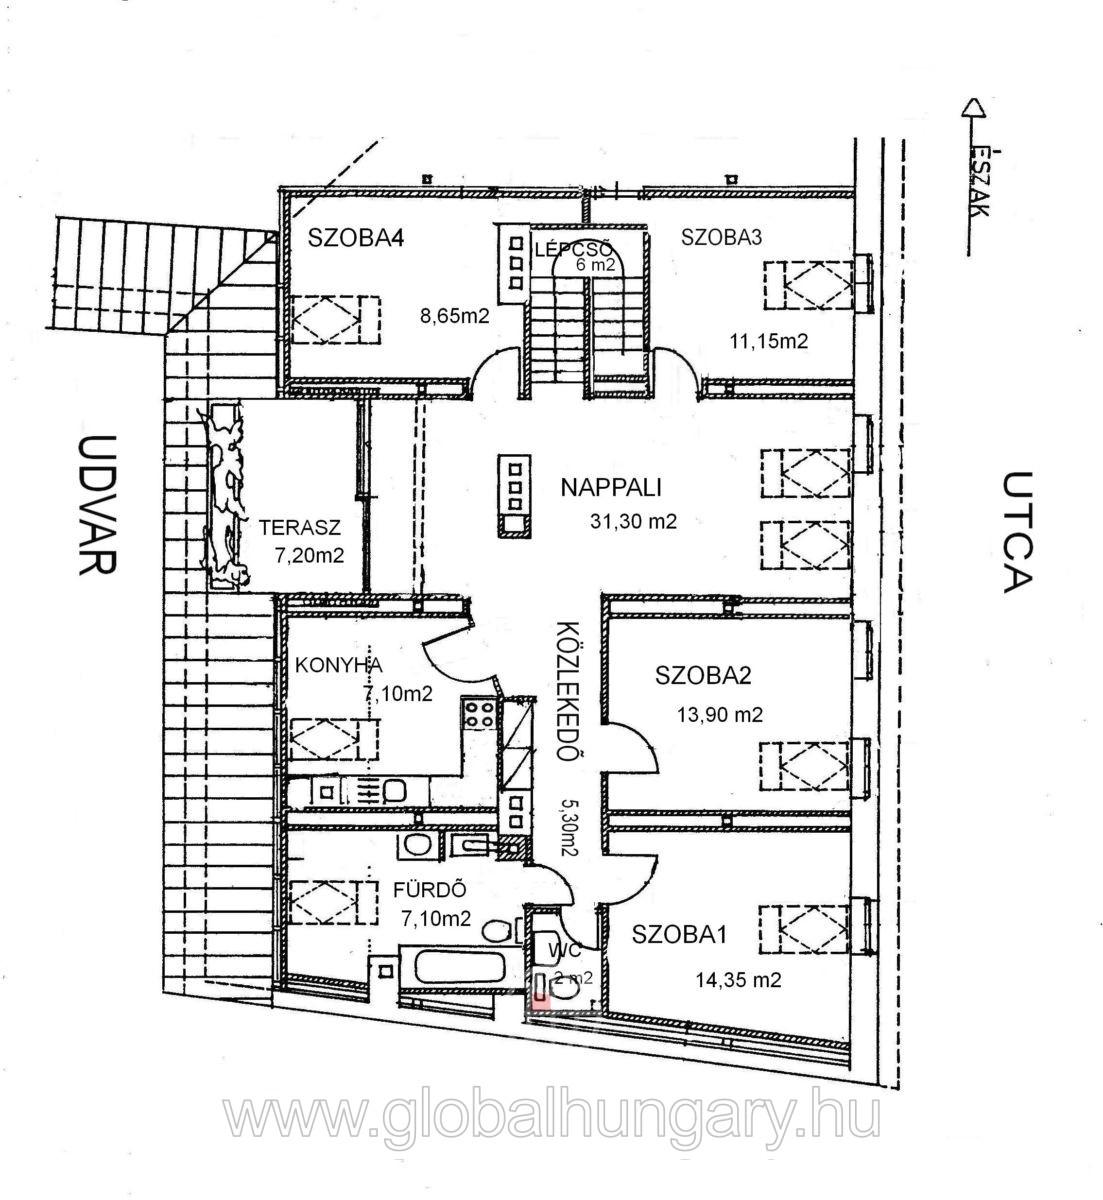 Széchenyi tértől 2 percre 110 nm-es, 5 szobás lakás